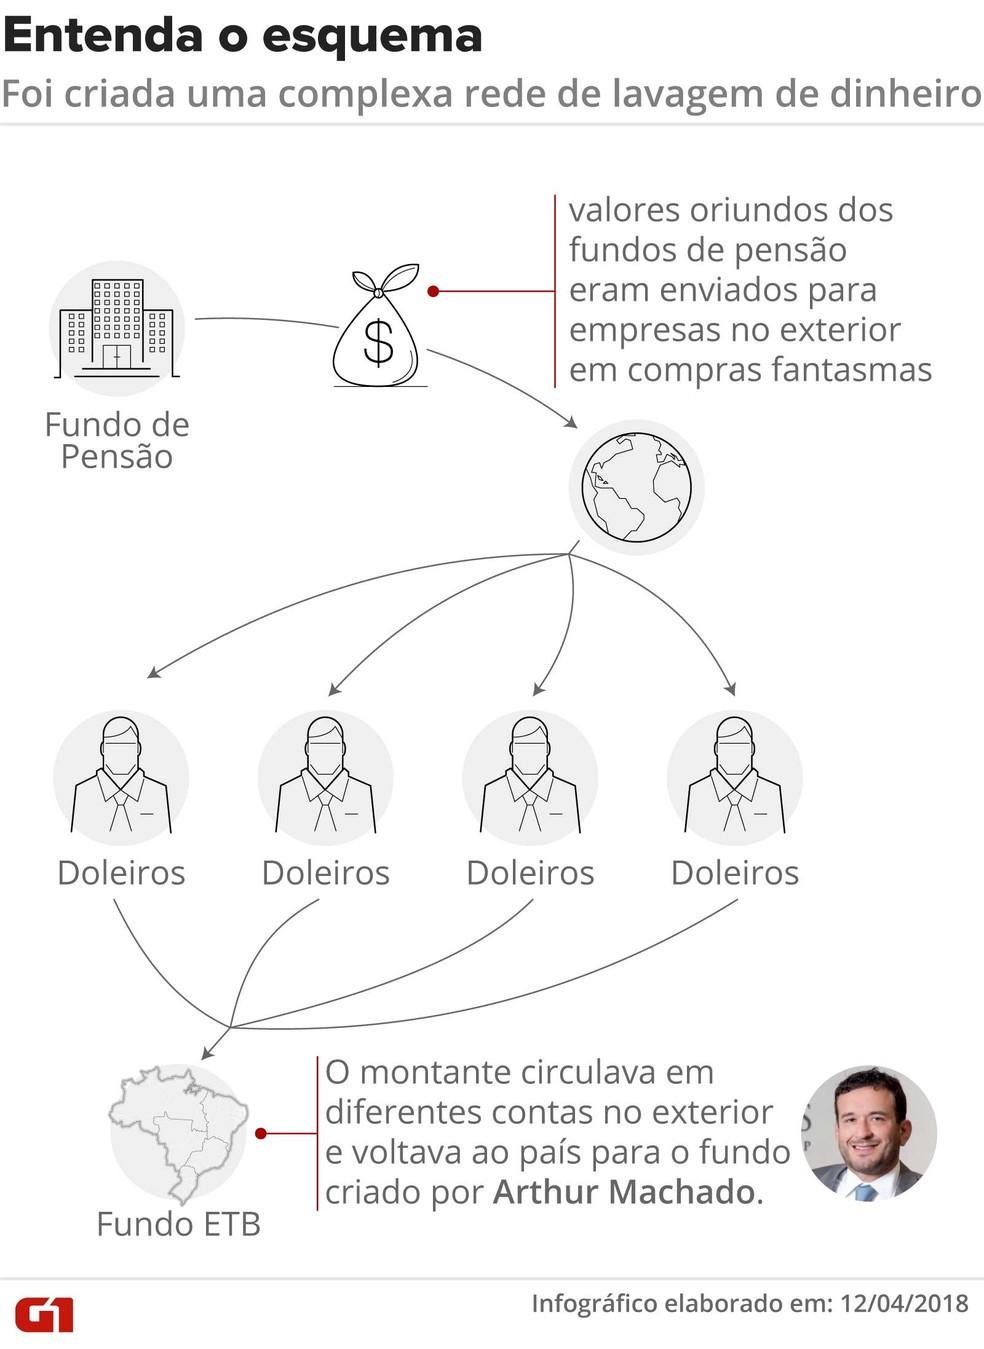 Operação Rizoma indica que aportes entre fundos não eram feitos diretamente (Foto: Infografia: Claudia Ferreira/G1)